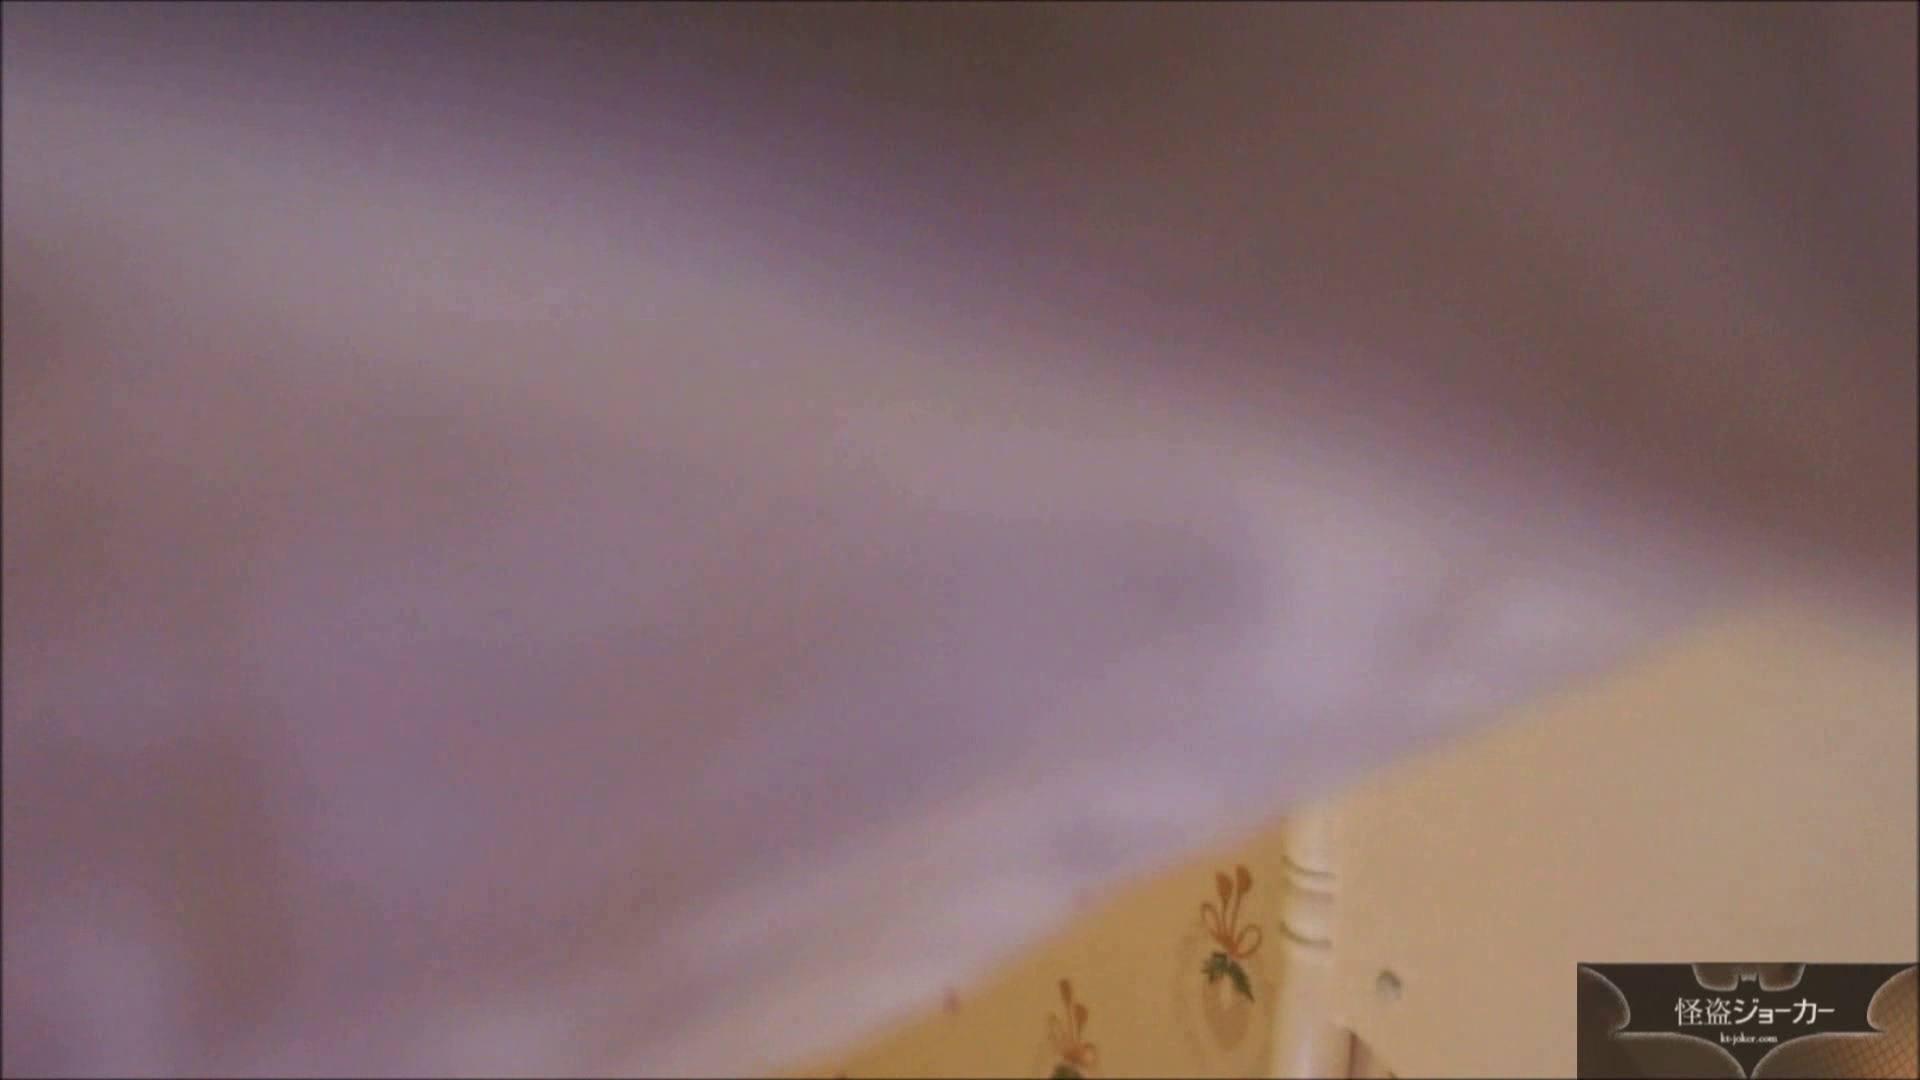 【未公開】vol.39  援助の葉月・・・体は徐々に激しさを求め。 フェラ特集 われめAV動画紹介 93画像 17